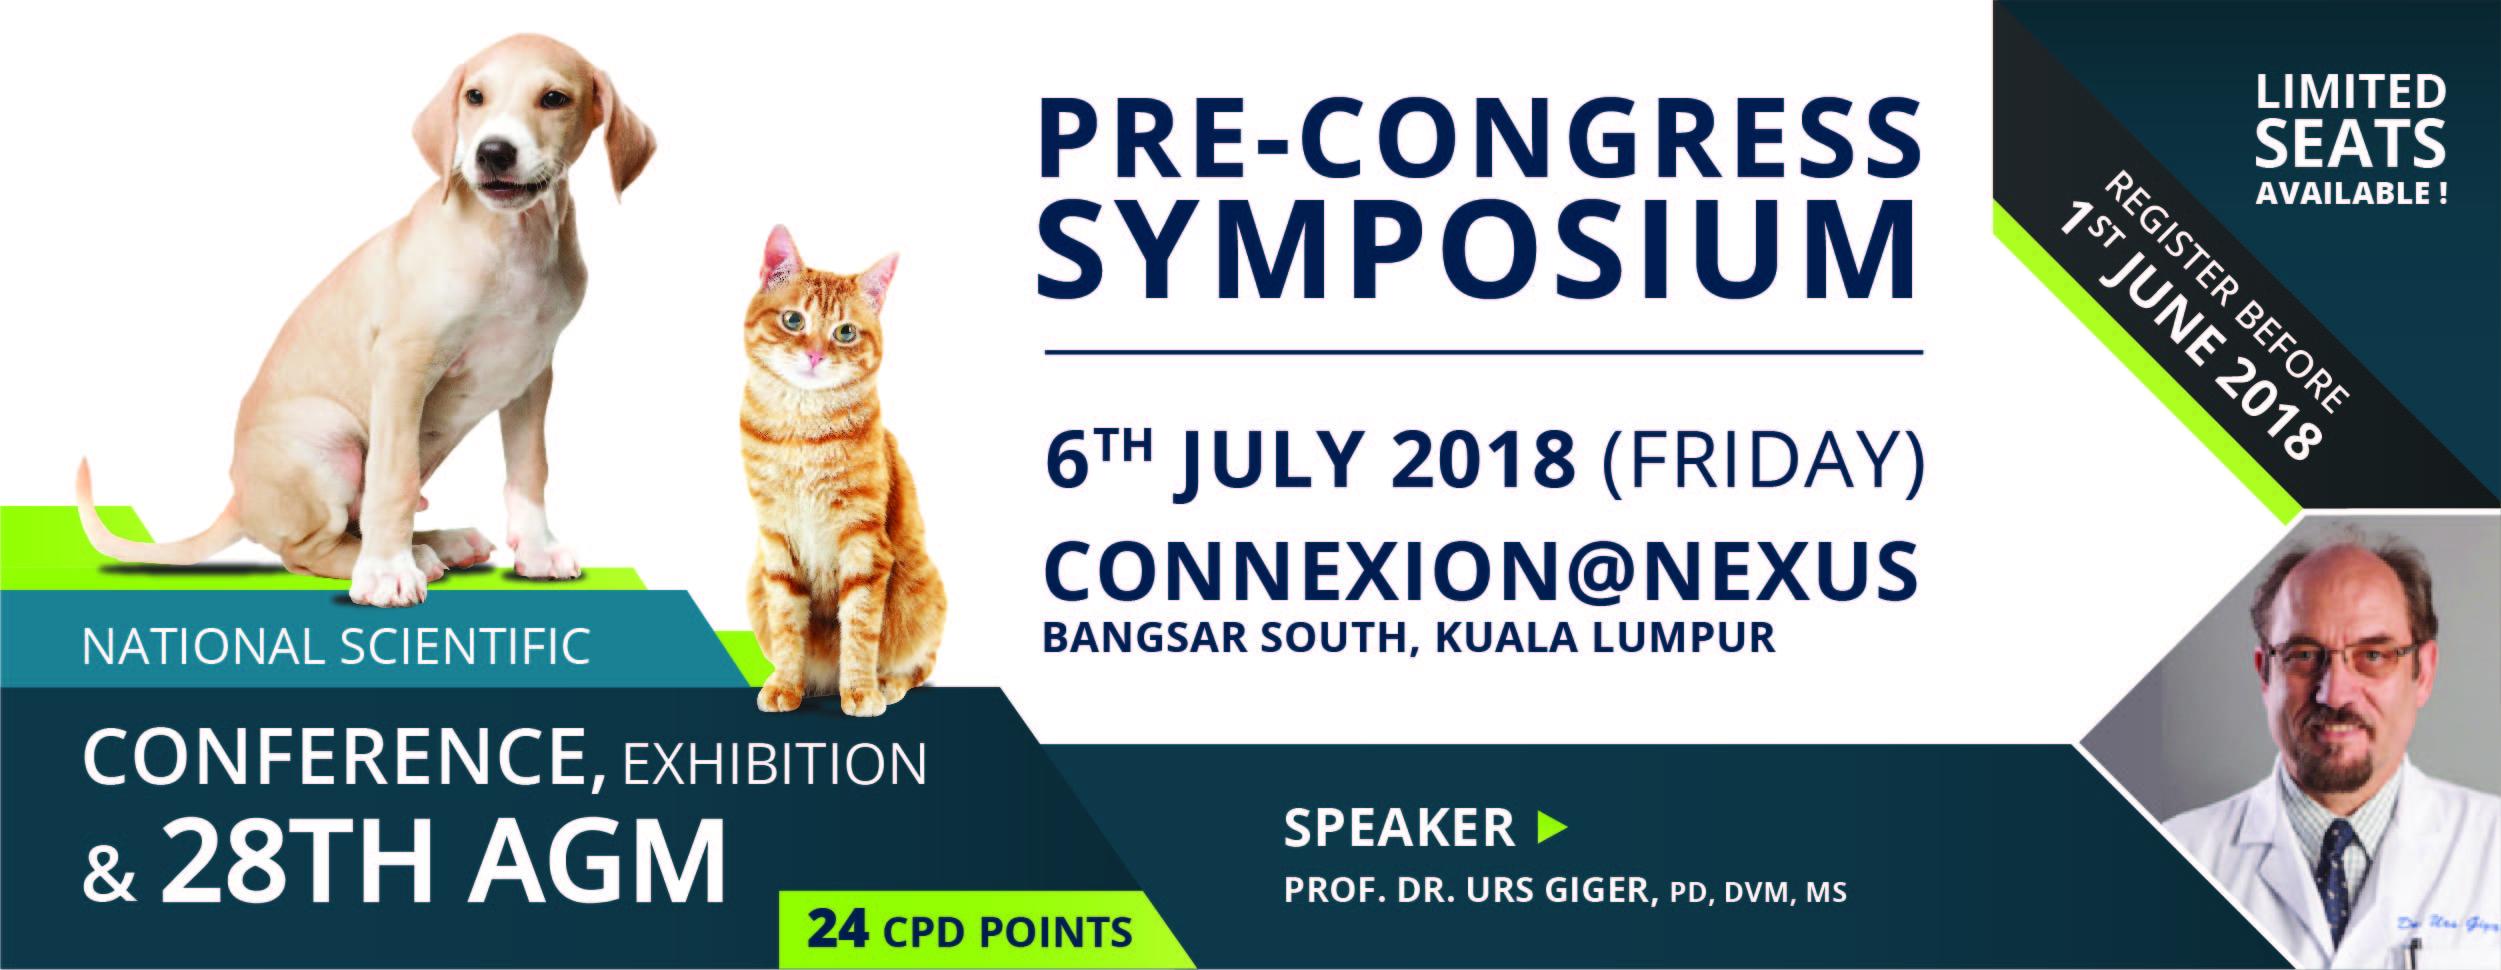 PRE-CONGRESS SYMPOSIUM 2018